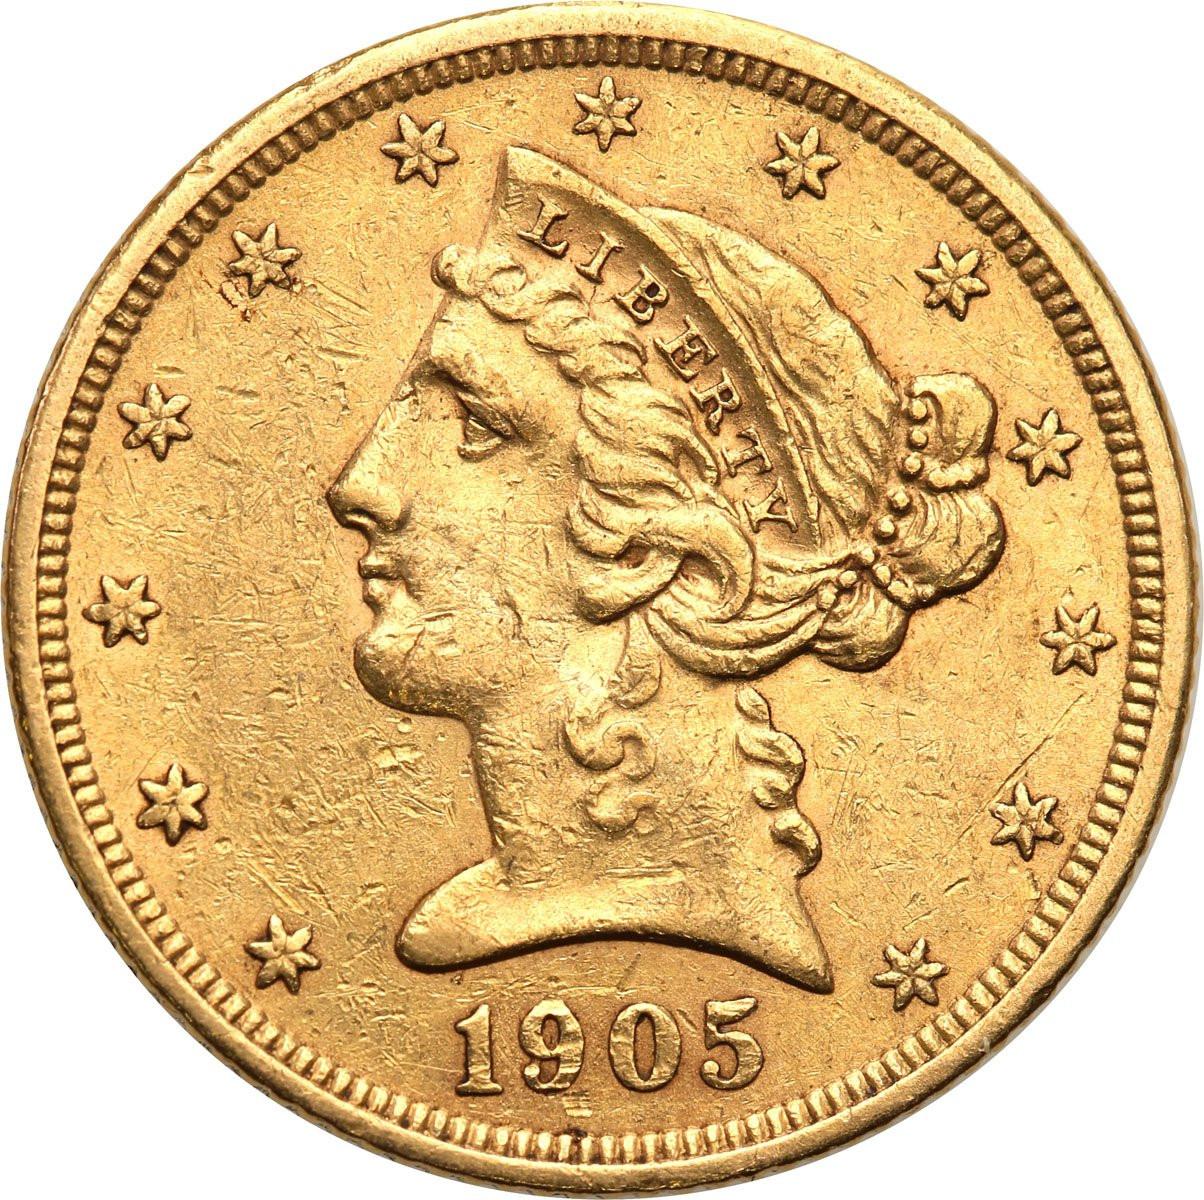 USA 5 dolarów 1905 S San Francisco st. 2+